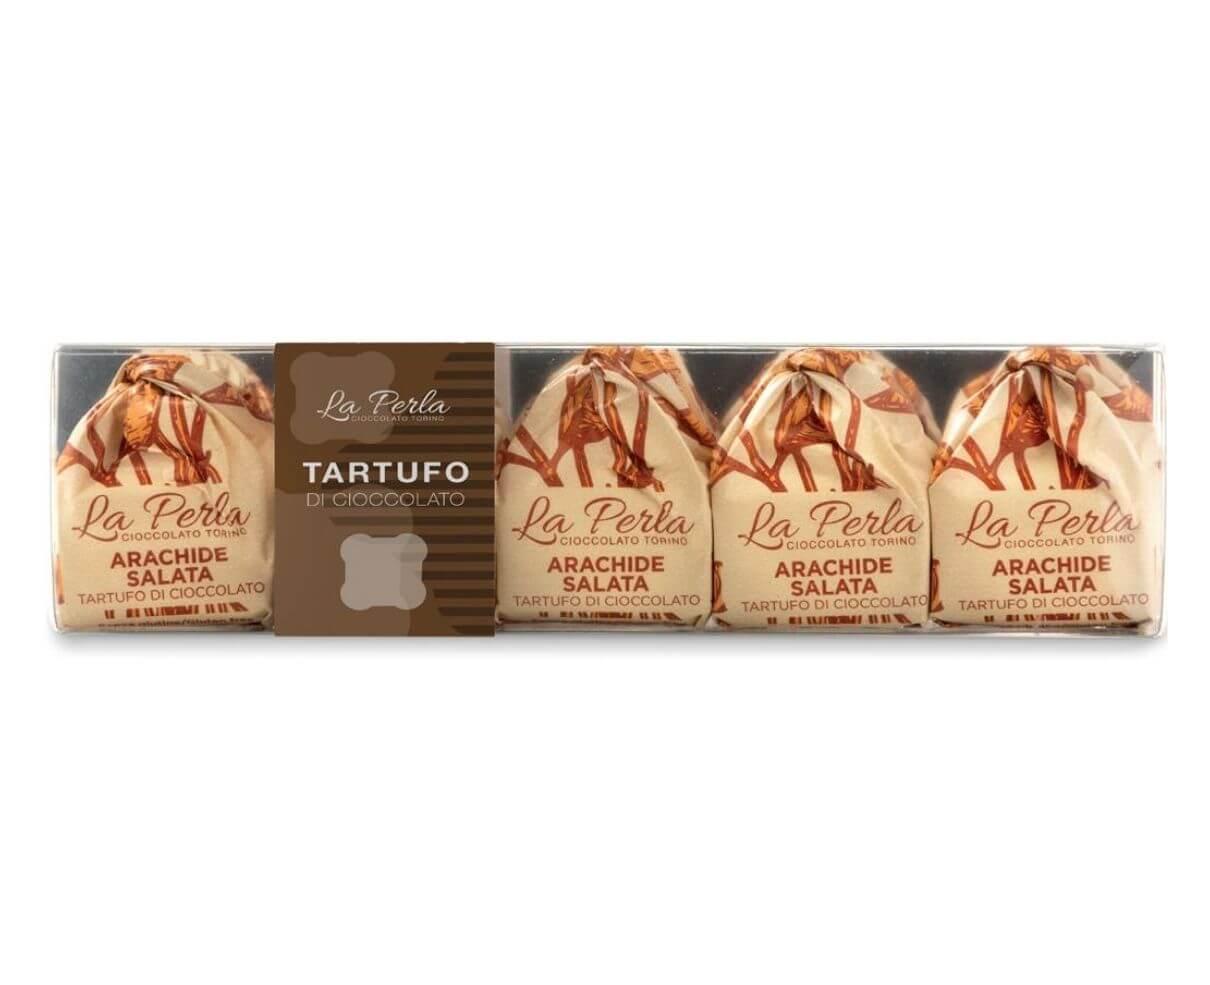 Pocket 5 tartufi di cioccolato bianco con arachide salata La perla 75gr